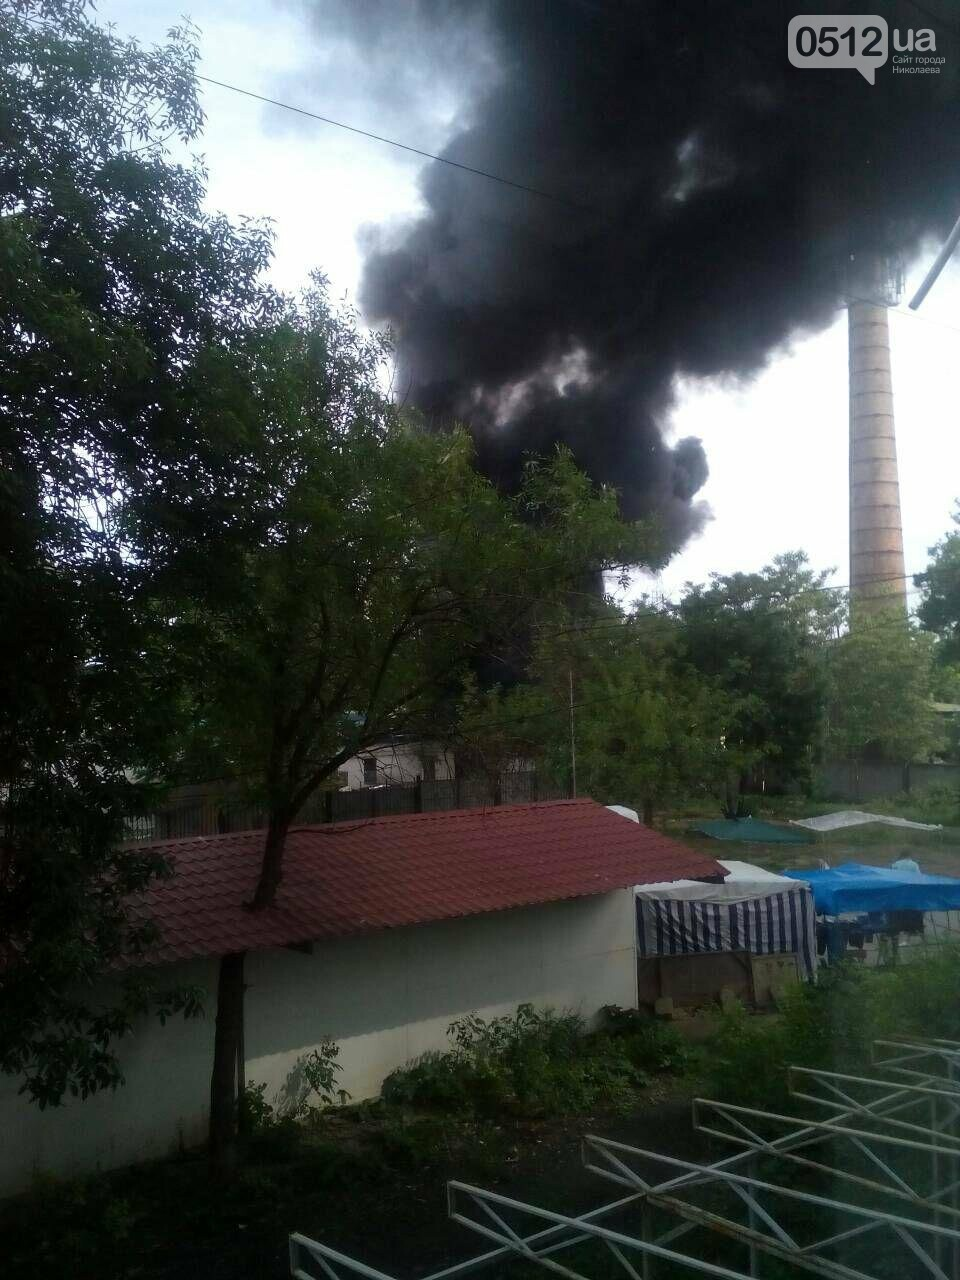 """В Николаеве на рынке """"Колос"""" горели деревянные ящики: огонь начал распространятся, - ФОТО, ВИДЕО, фото-6"""